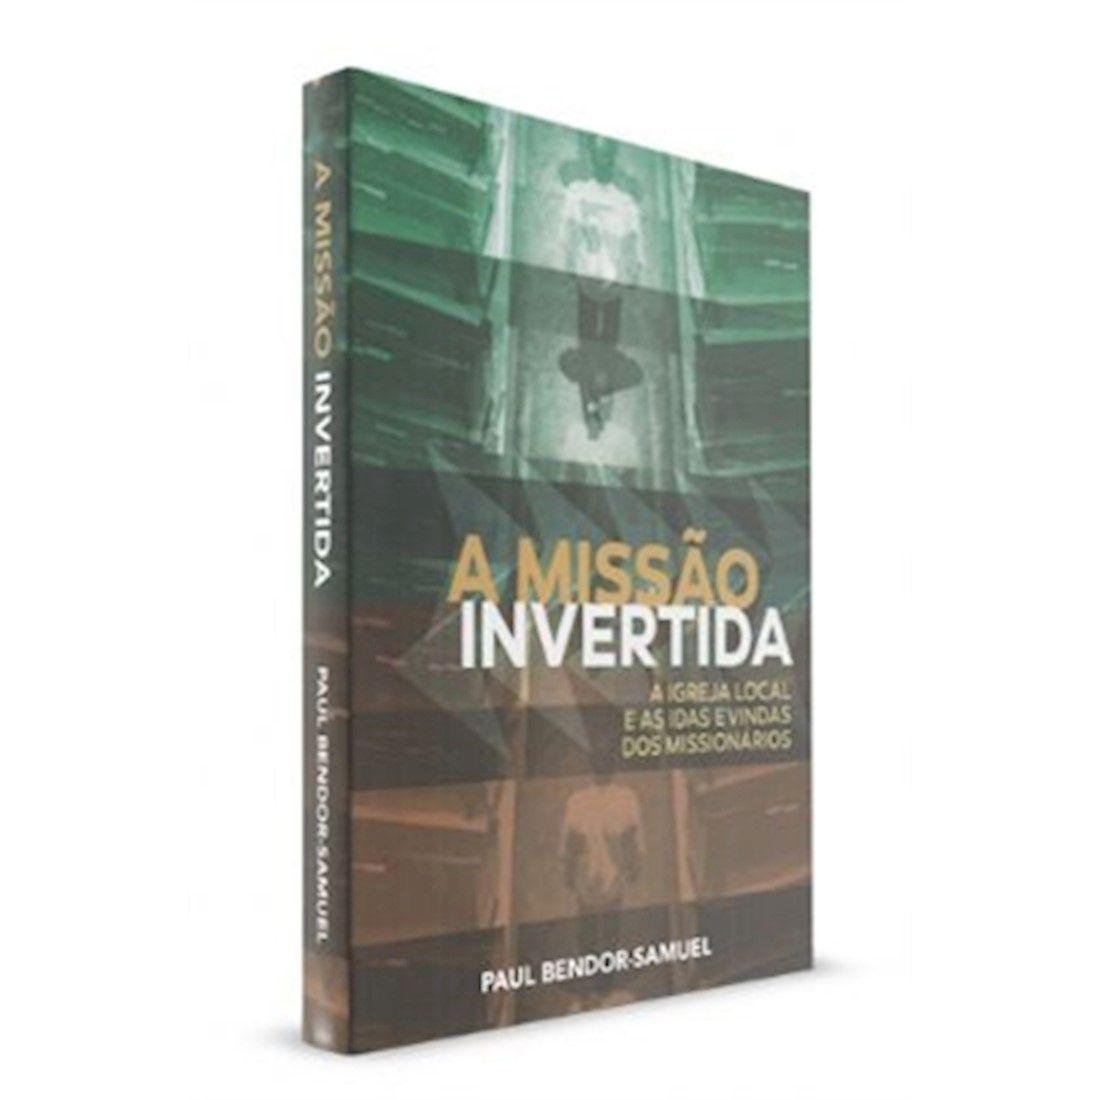 Livro A Missão Invertida